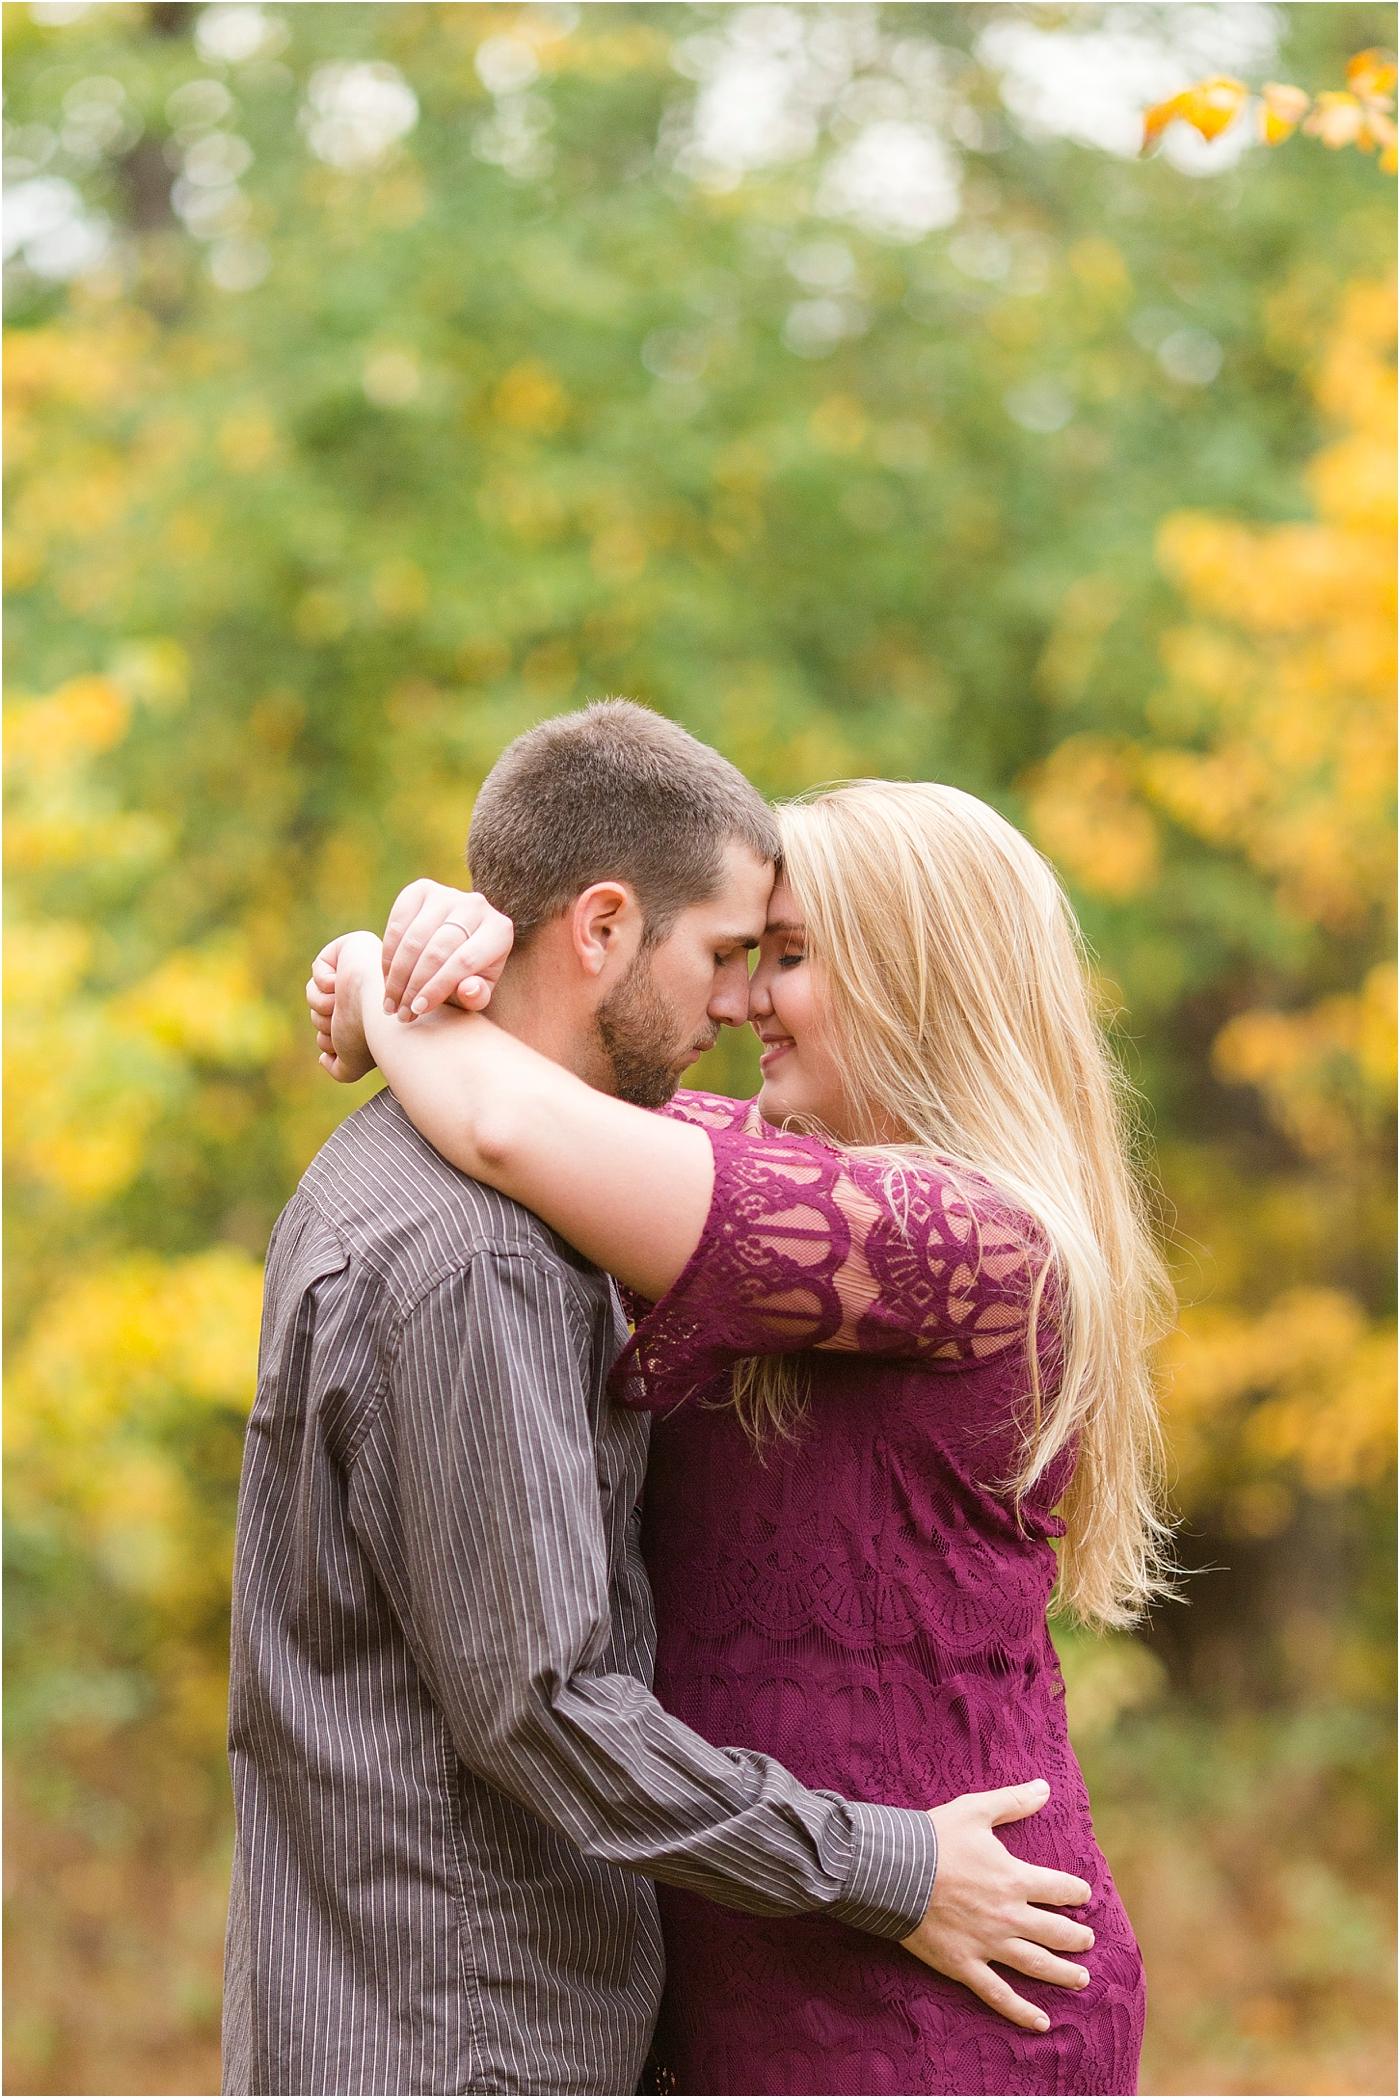 Maryland-Engagement-Photographer-12.jpg